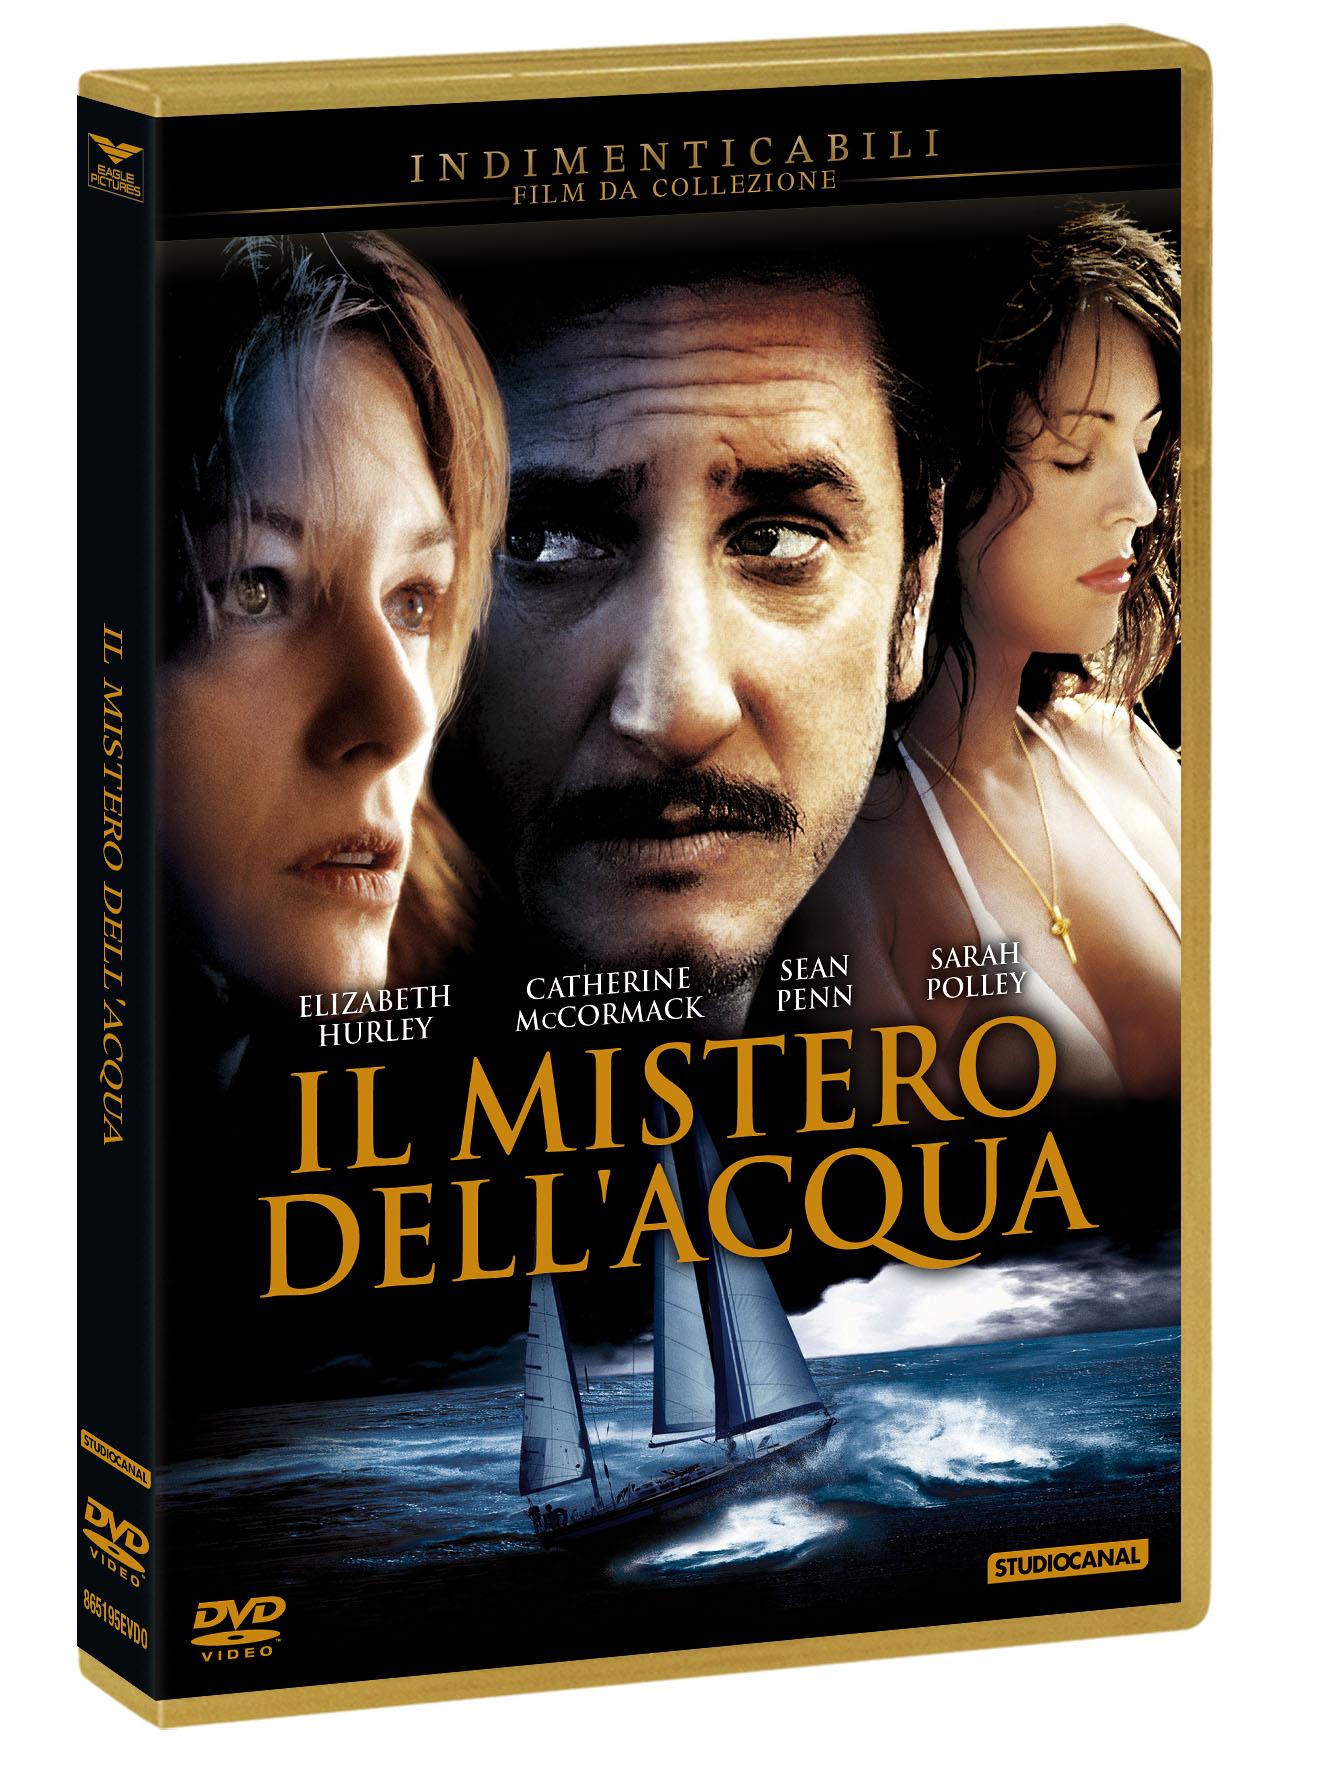 IL MISTERO DELL'ACQUA (INDIMENTICABILI) (DVD)